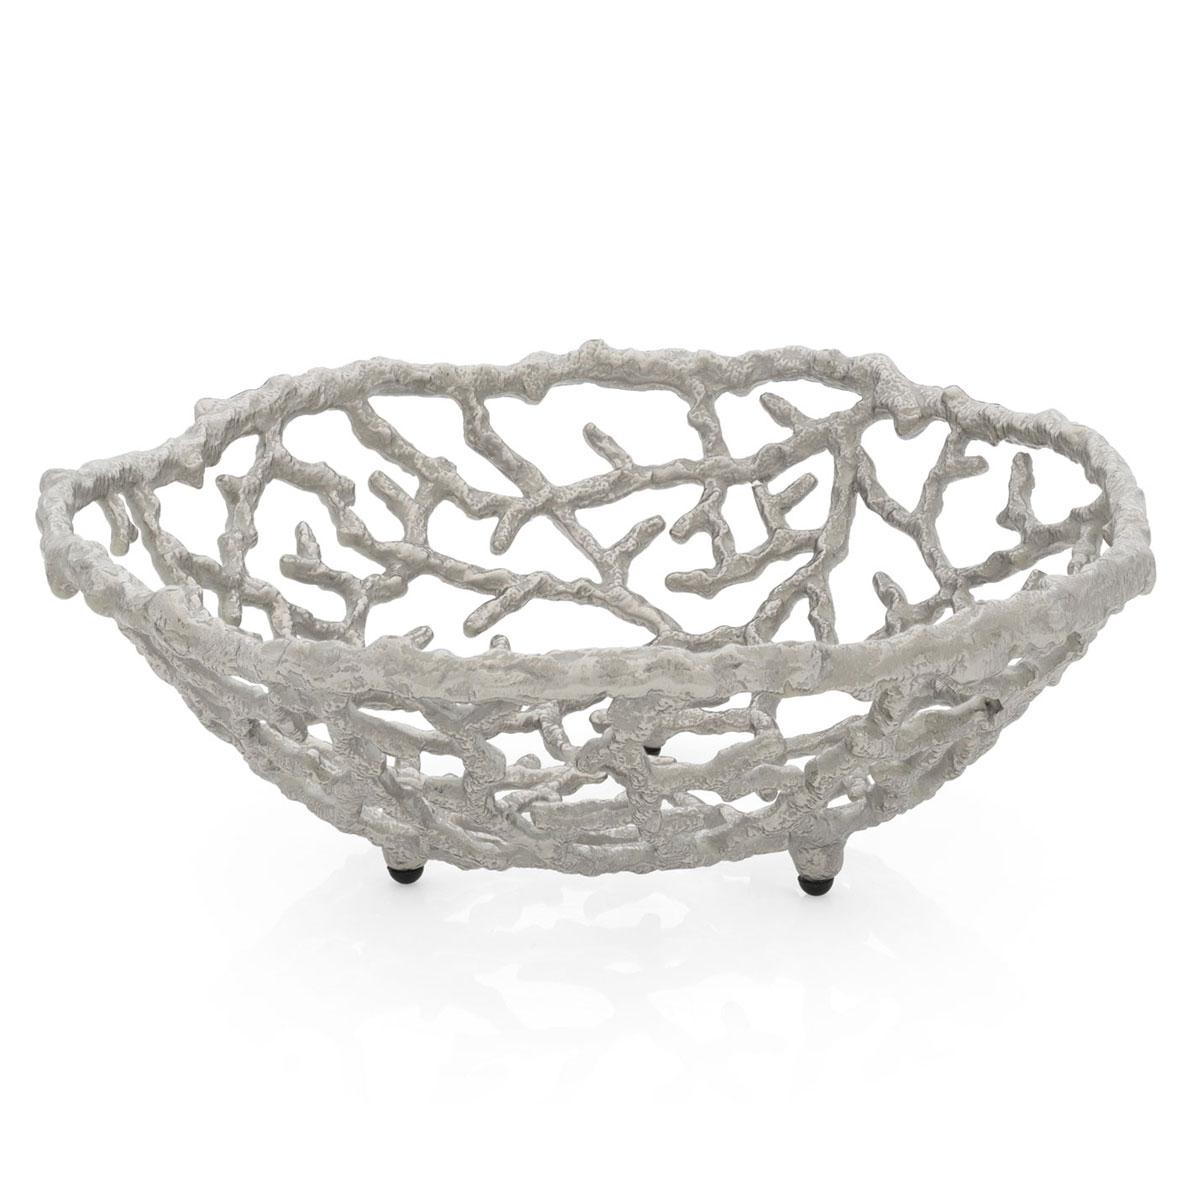 Michael Aram Ocean Reef Bread Basket